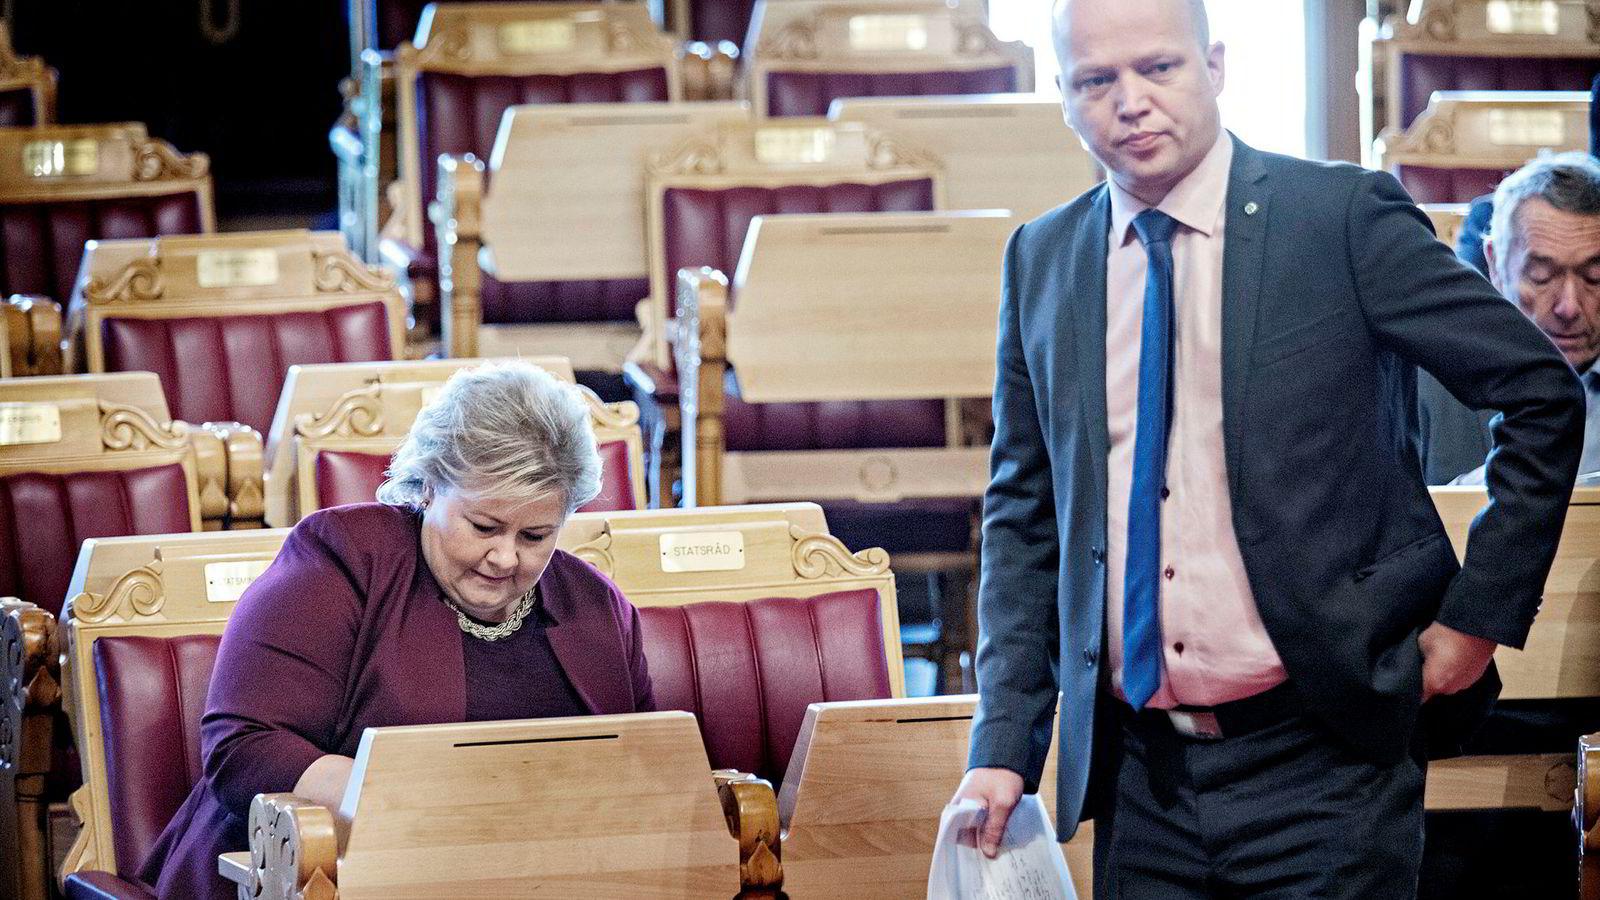 Senterpartiet-leder Trygve Slagsvold Vedum hadde lest noe om kuer i statsbudsjettet – og var rystet. Onsdag tok han det opp med statsminister Erna Solberg i spontanspørretimen.